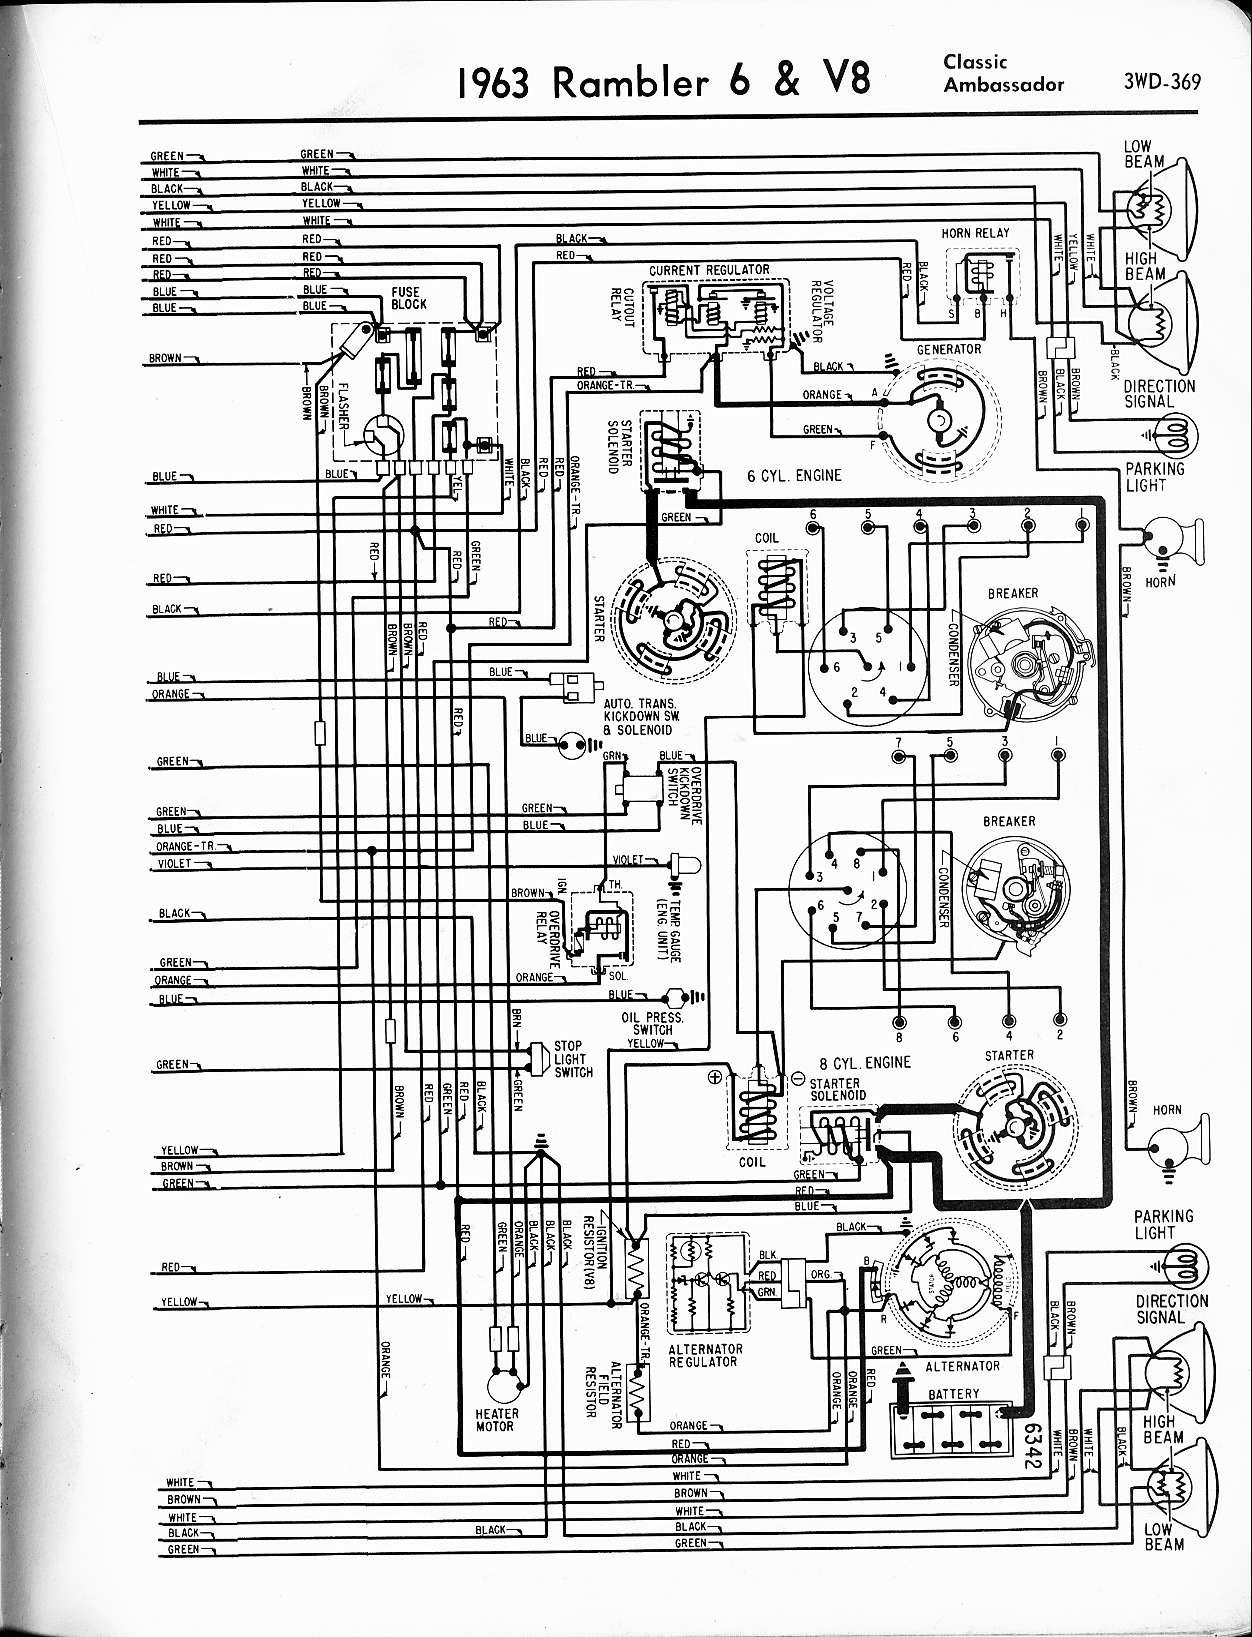 Incredible 1965 Rambler Clic Wiring Diagram Get Free Image About Wiring Diagram Wiring Cloud Xortanetembamohammedshrineorg